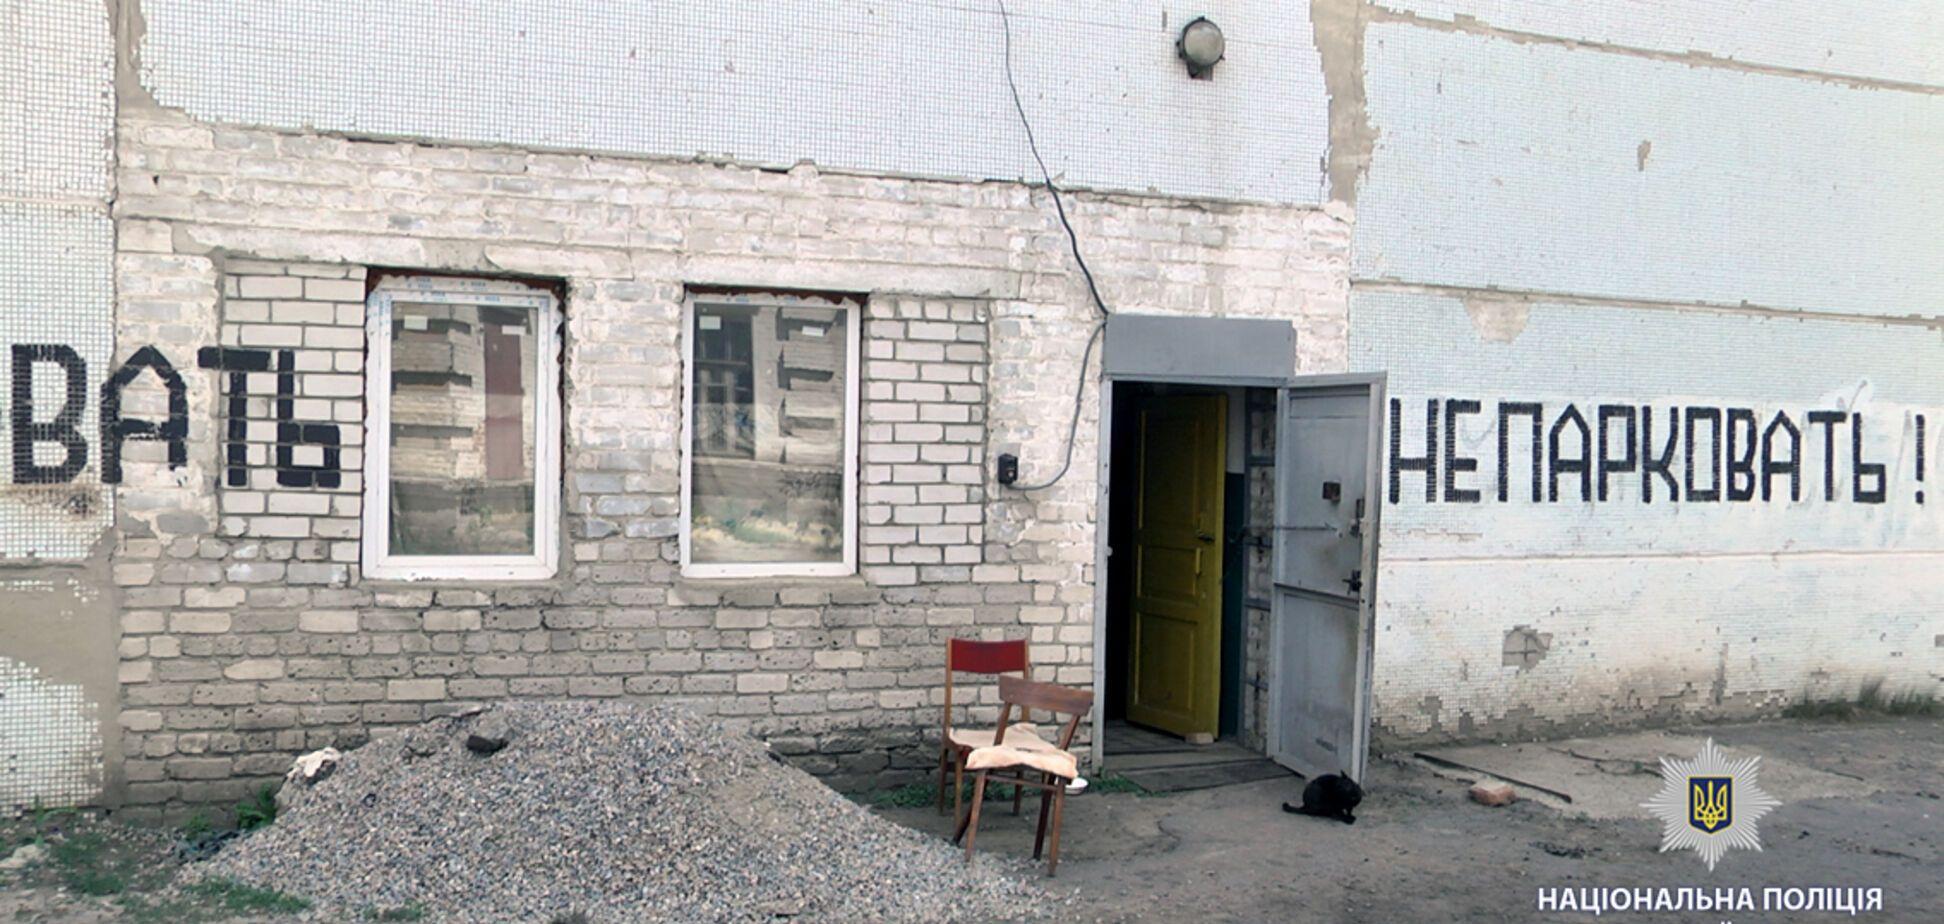 На Харьковщине поймали педофила, который запер 9-летнюю девочку в котельной